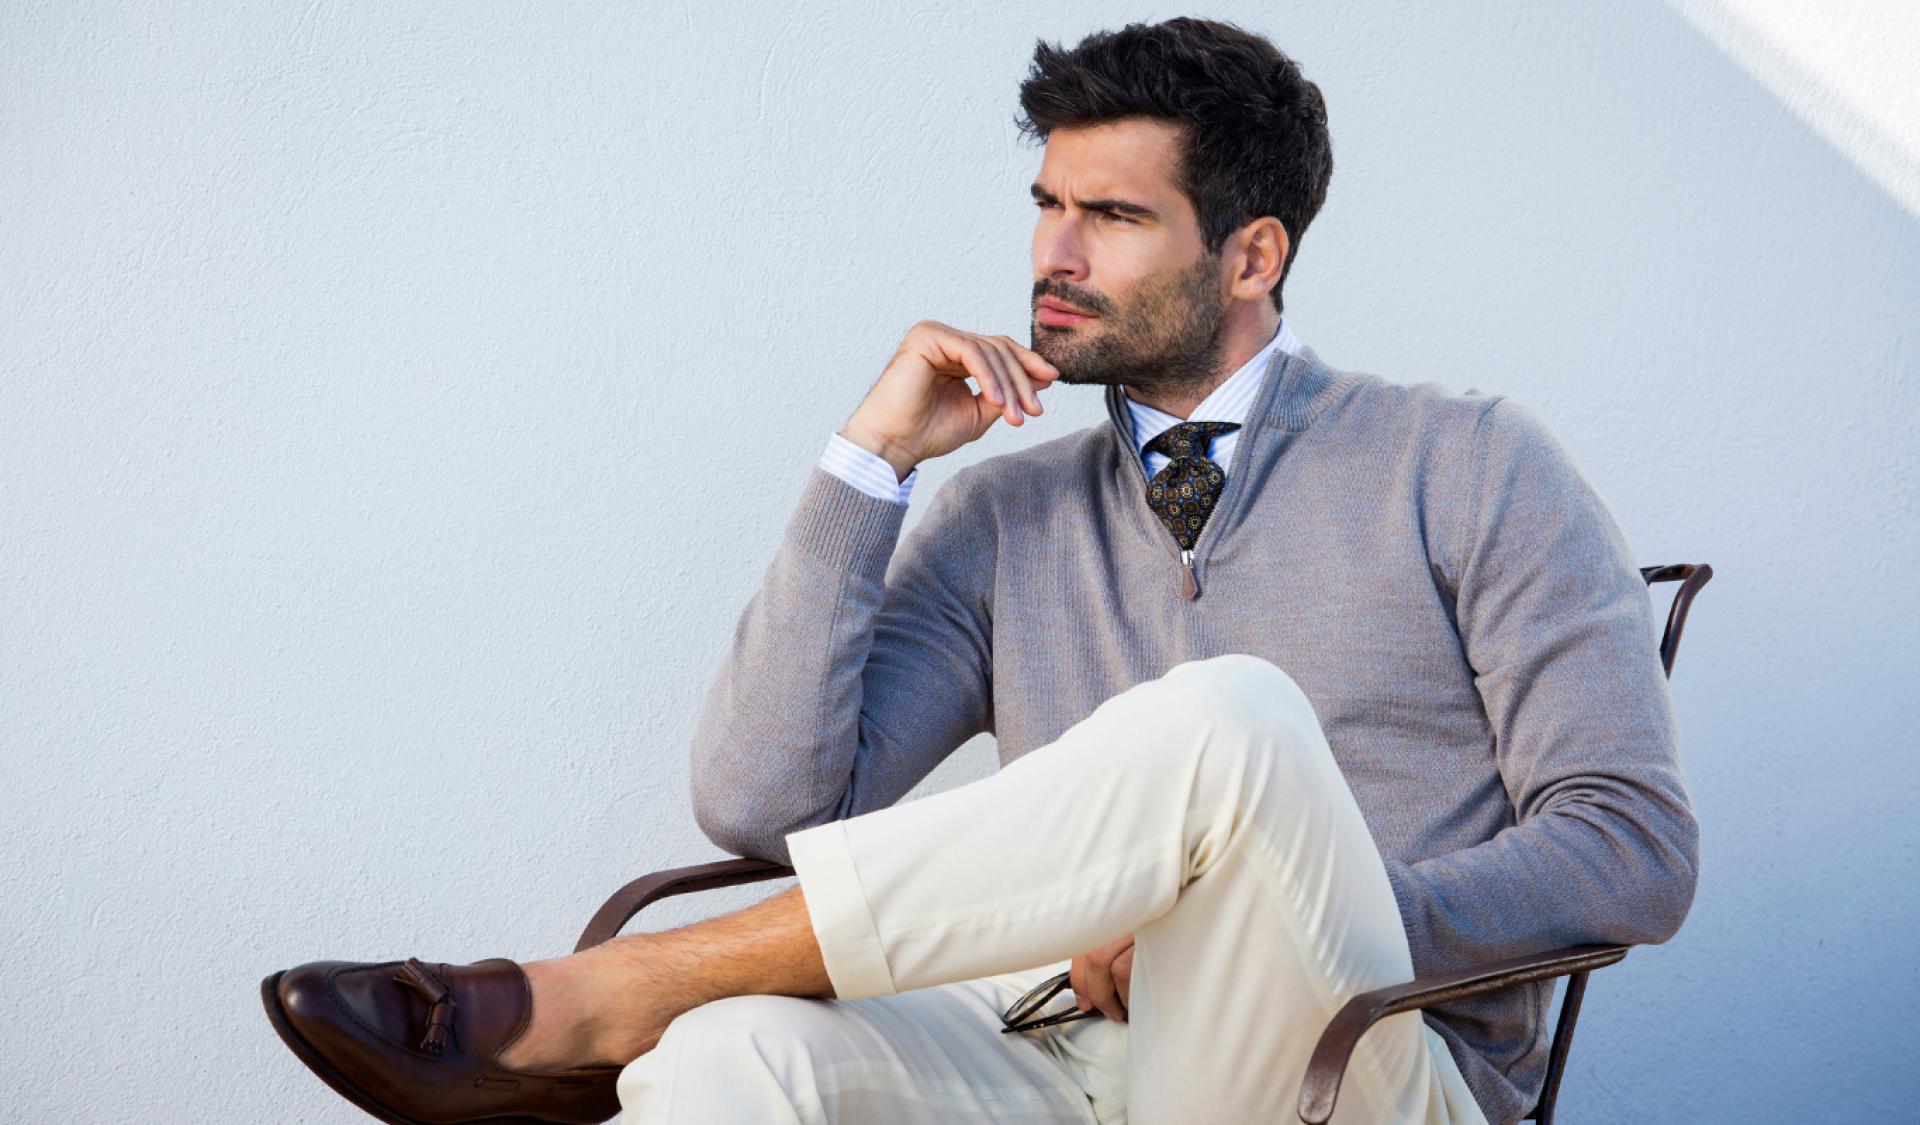 Sportowa elegancja – na luzie, ale nie w rozpiętej bluzie.